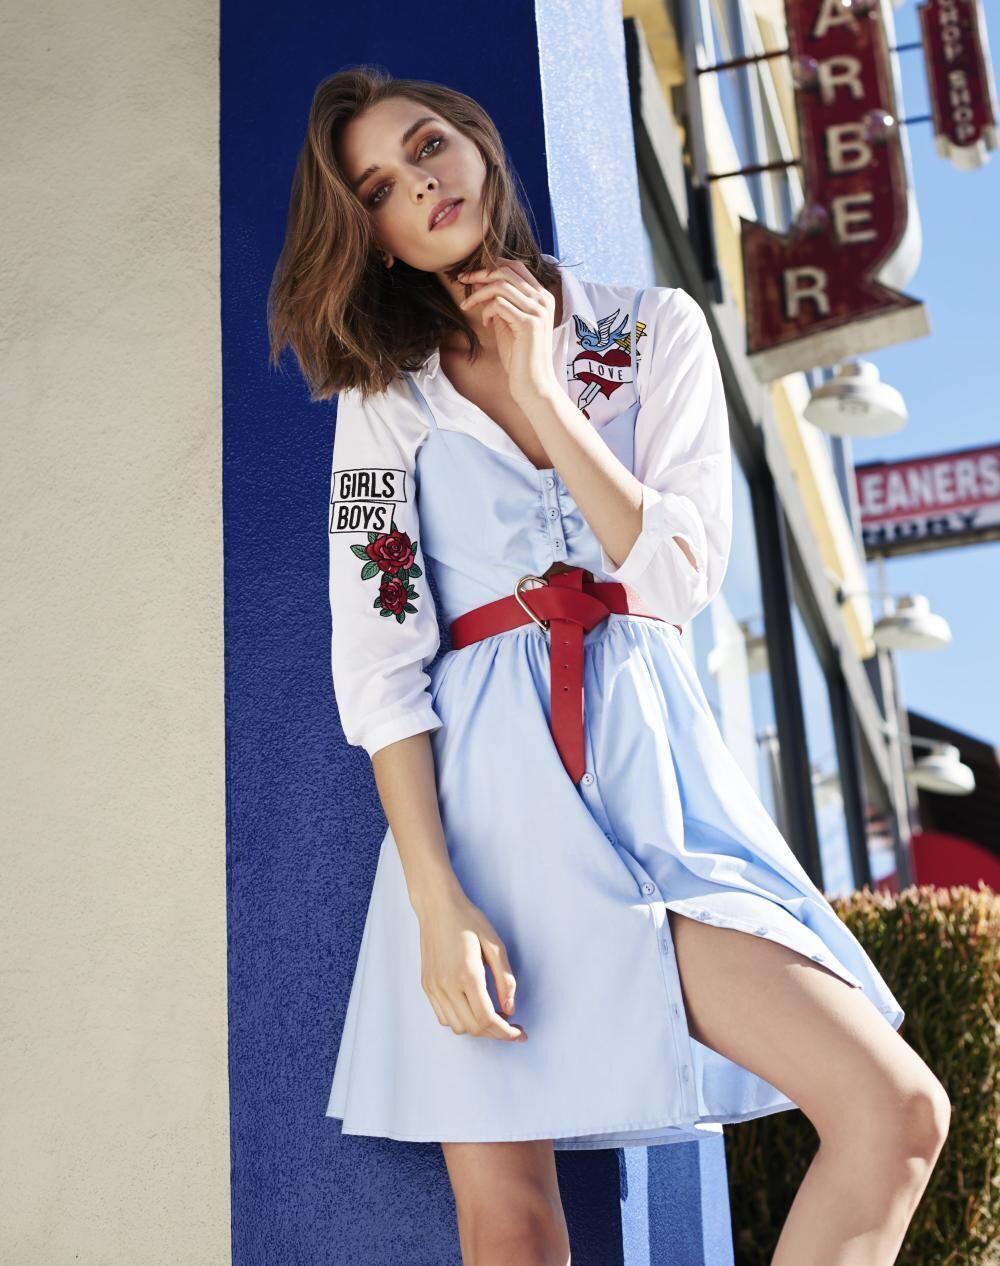 fa20d8372e6 ŽENA-IN - Klasika v podobě košilových šatů je zpět! Propadnete ...